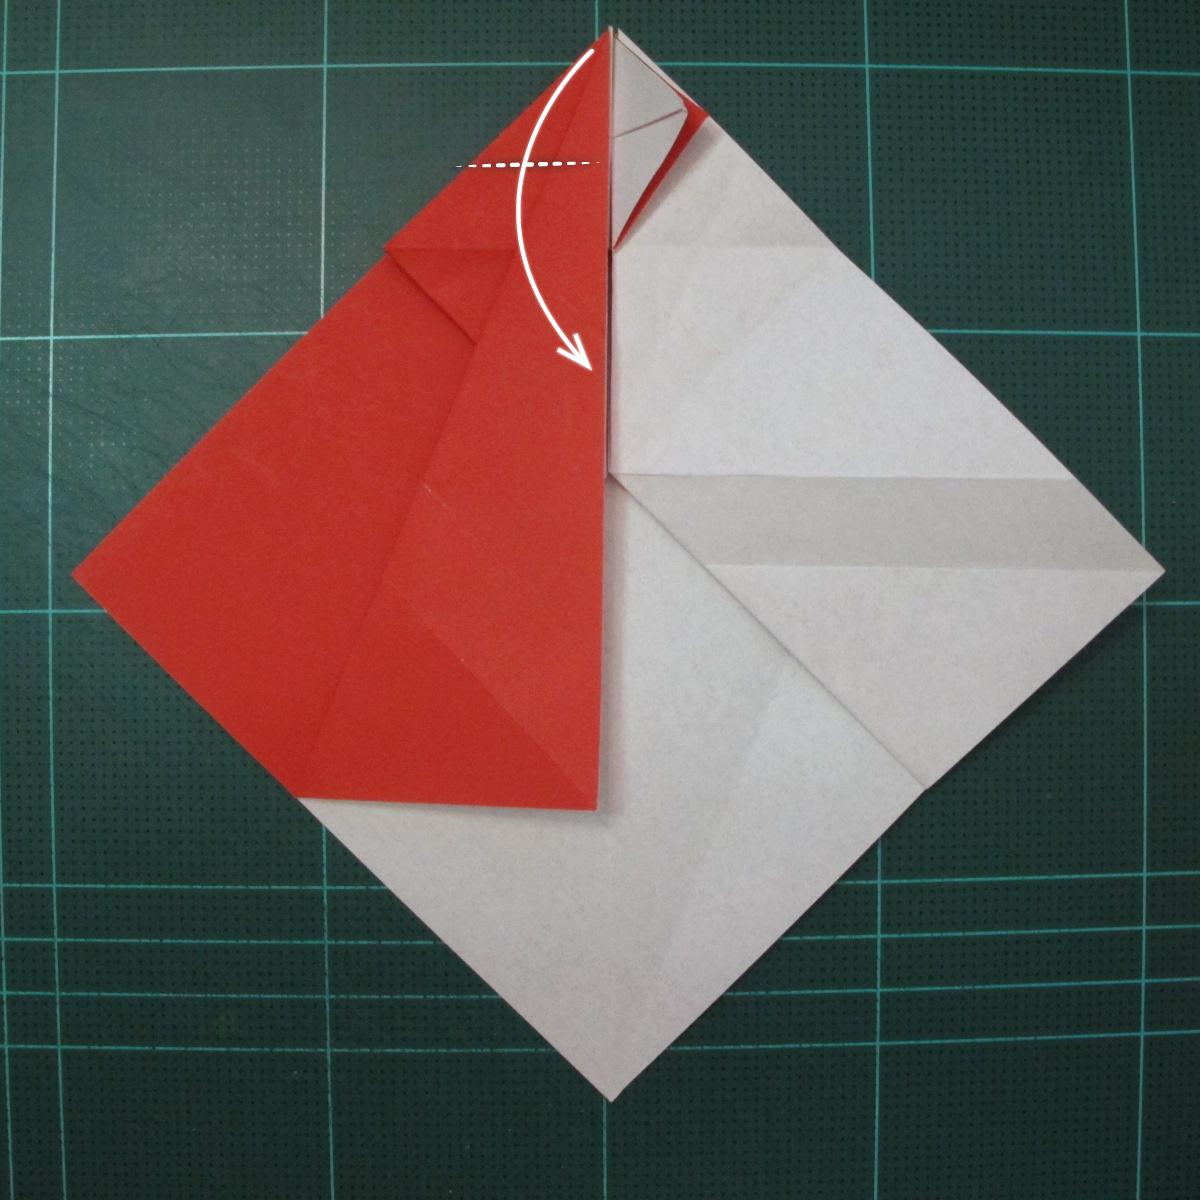 การพับกระดาษเป็นรูปสัตว์ประหลาดก็อตซิล่า (Origami Gozzila) 021